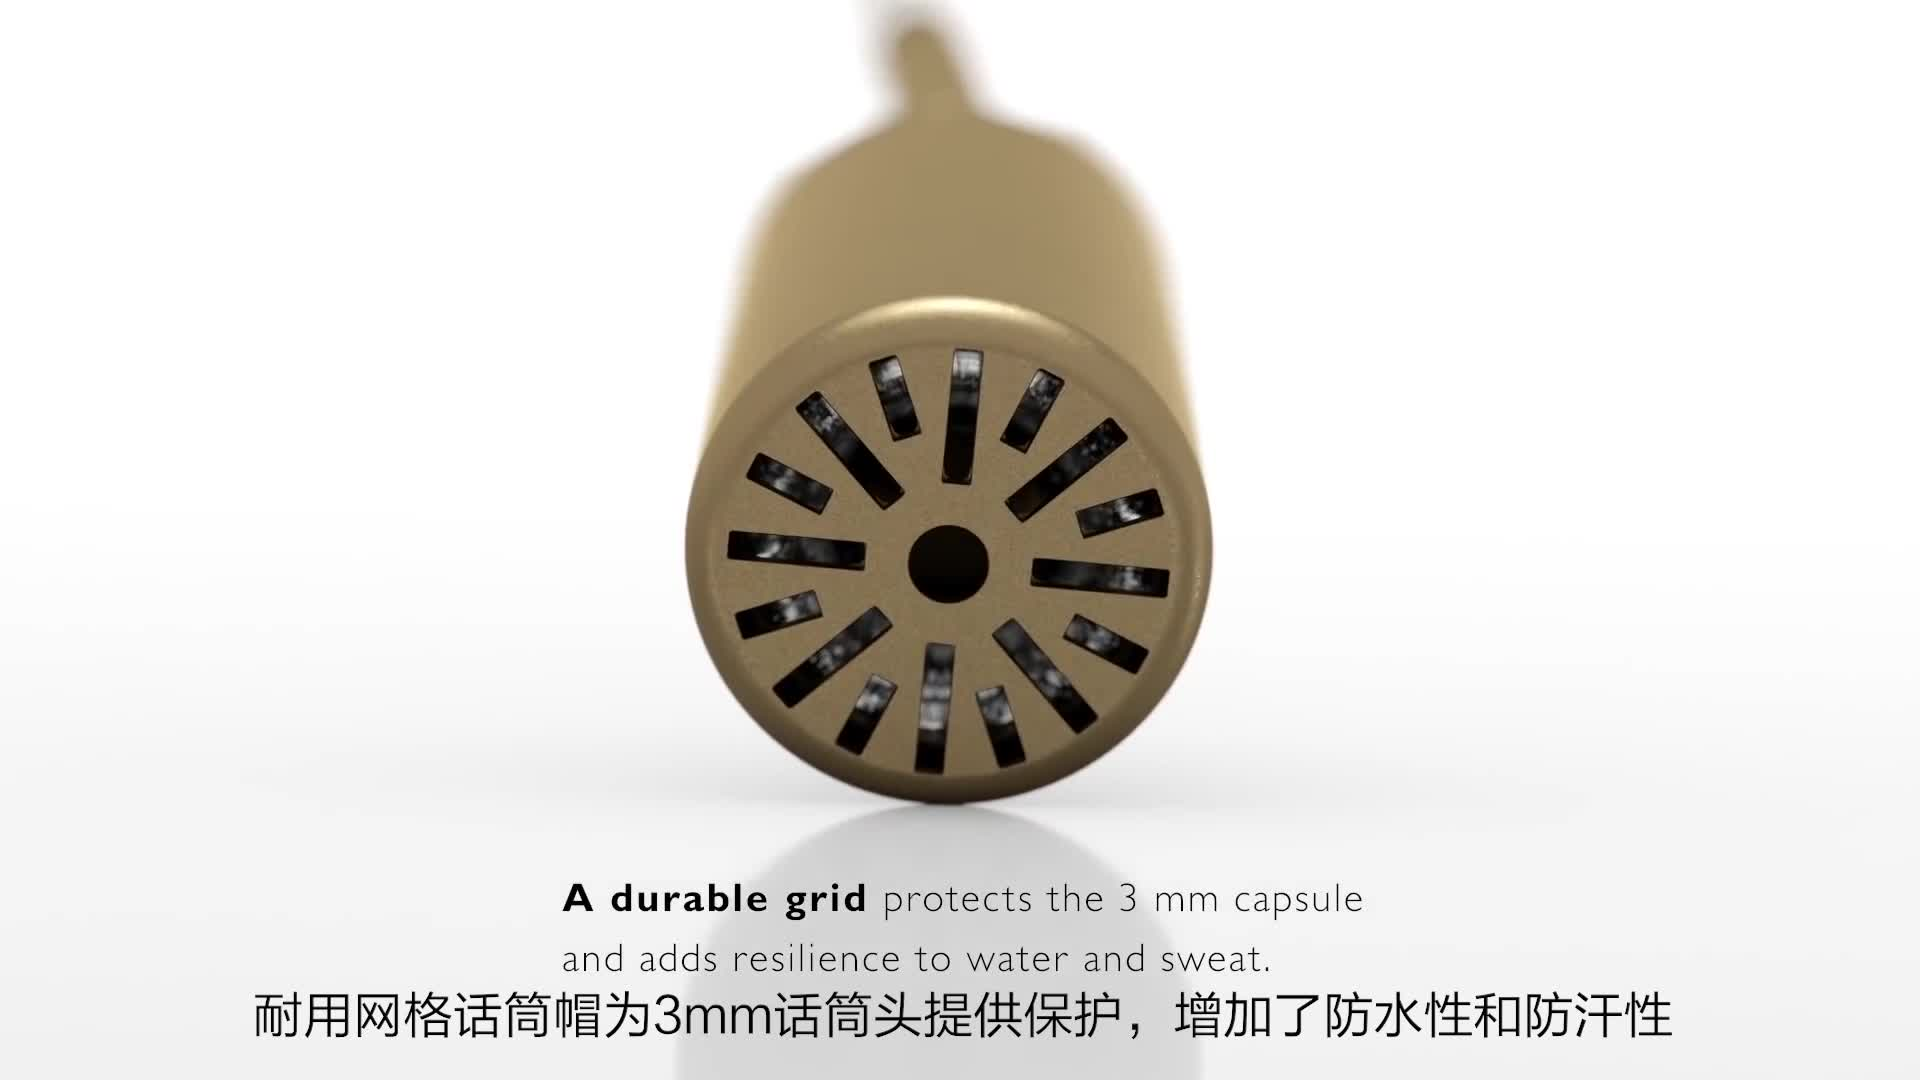 超微型头戴话筒产品演示